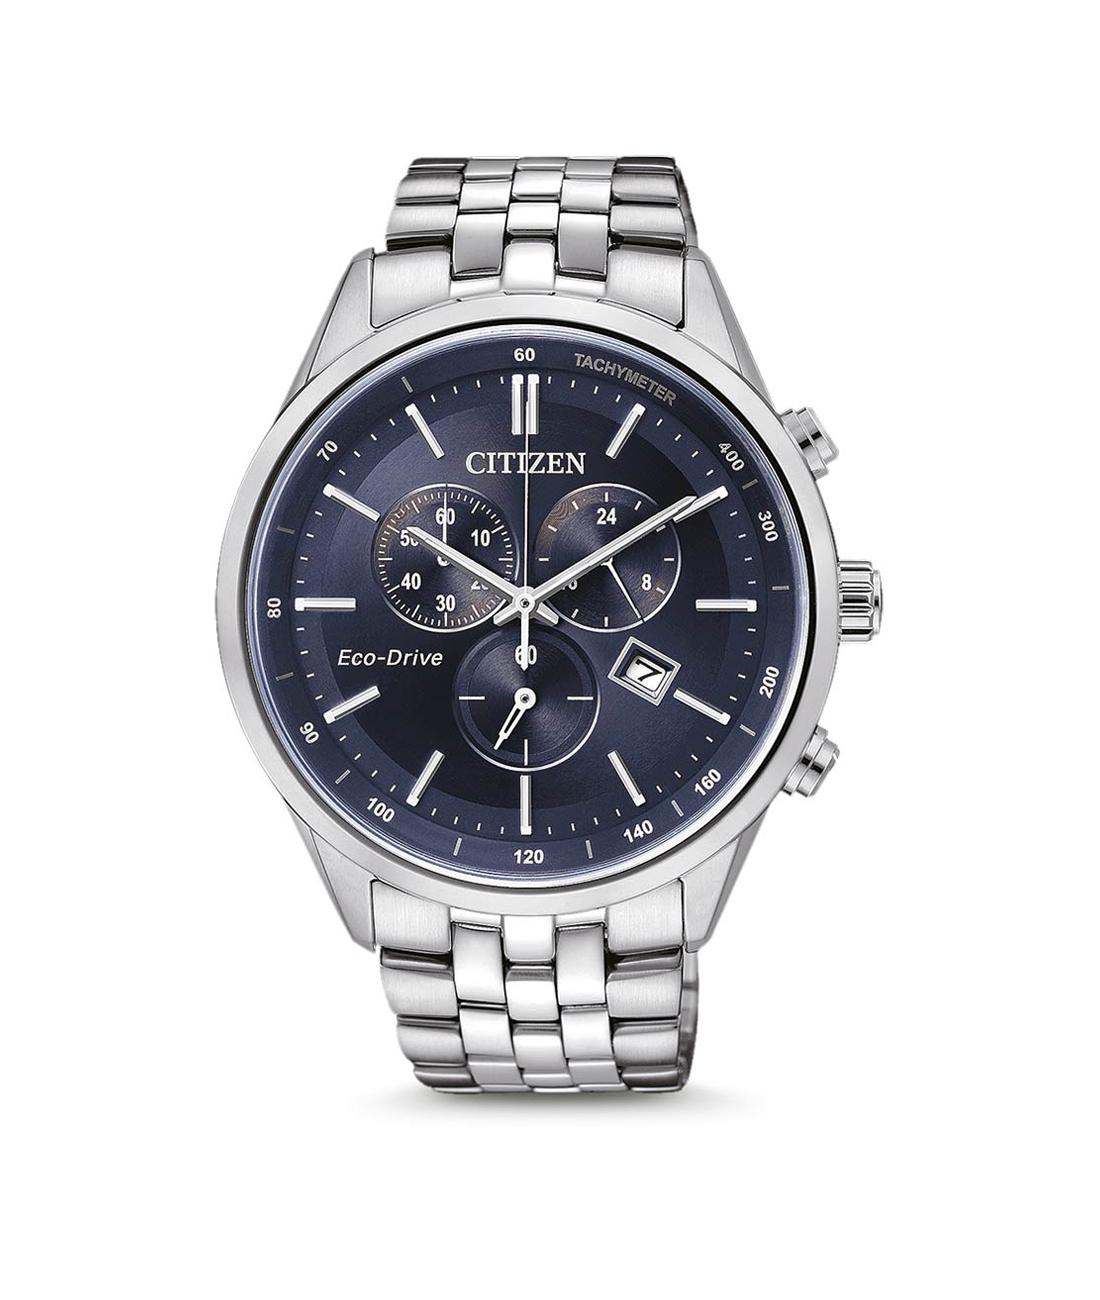 Zegarek Citizen Eco-Drive AT2141-52L w atrakcyjnej cenie ... 9936efd251